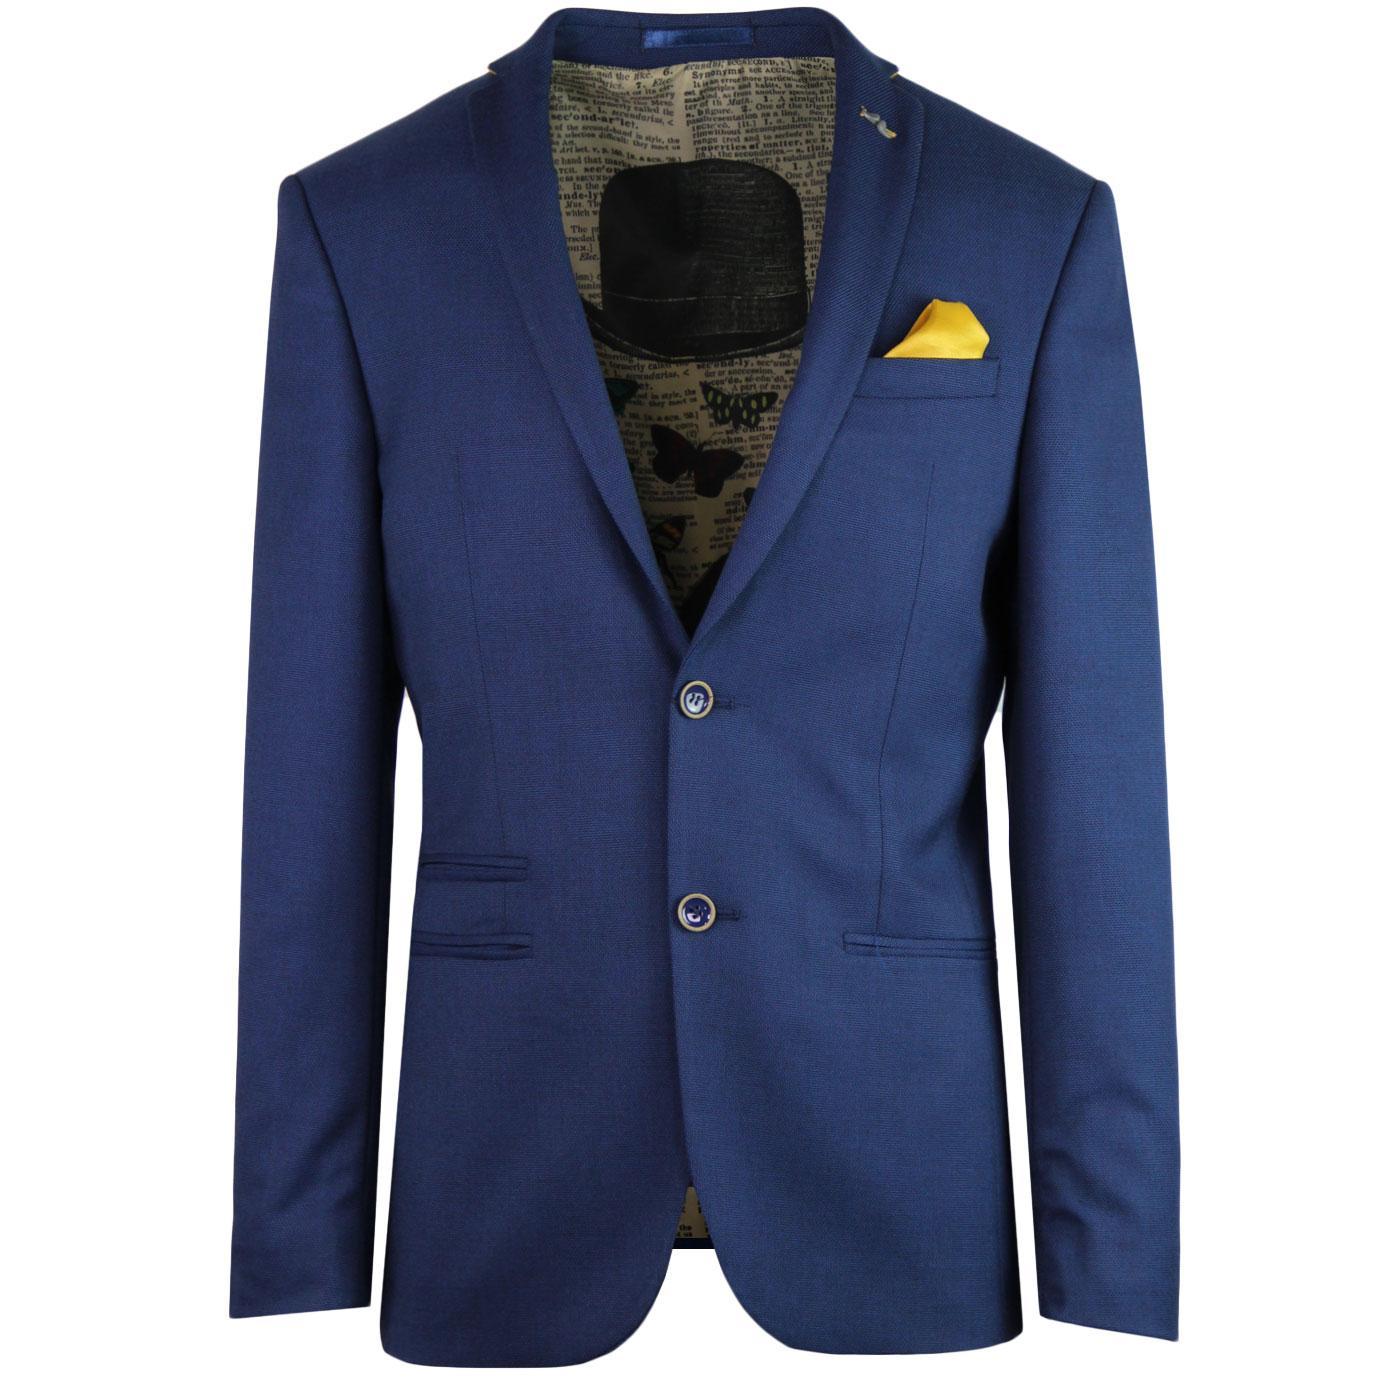 ANTIQUE ROGUE 60s Mod 2 Button Hopsack Suit Jacket